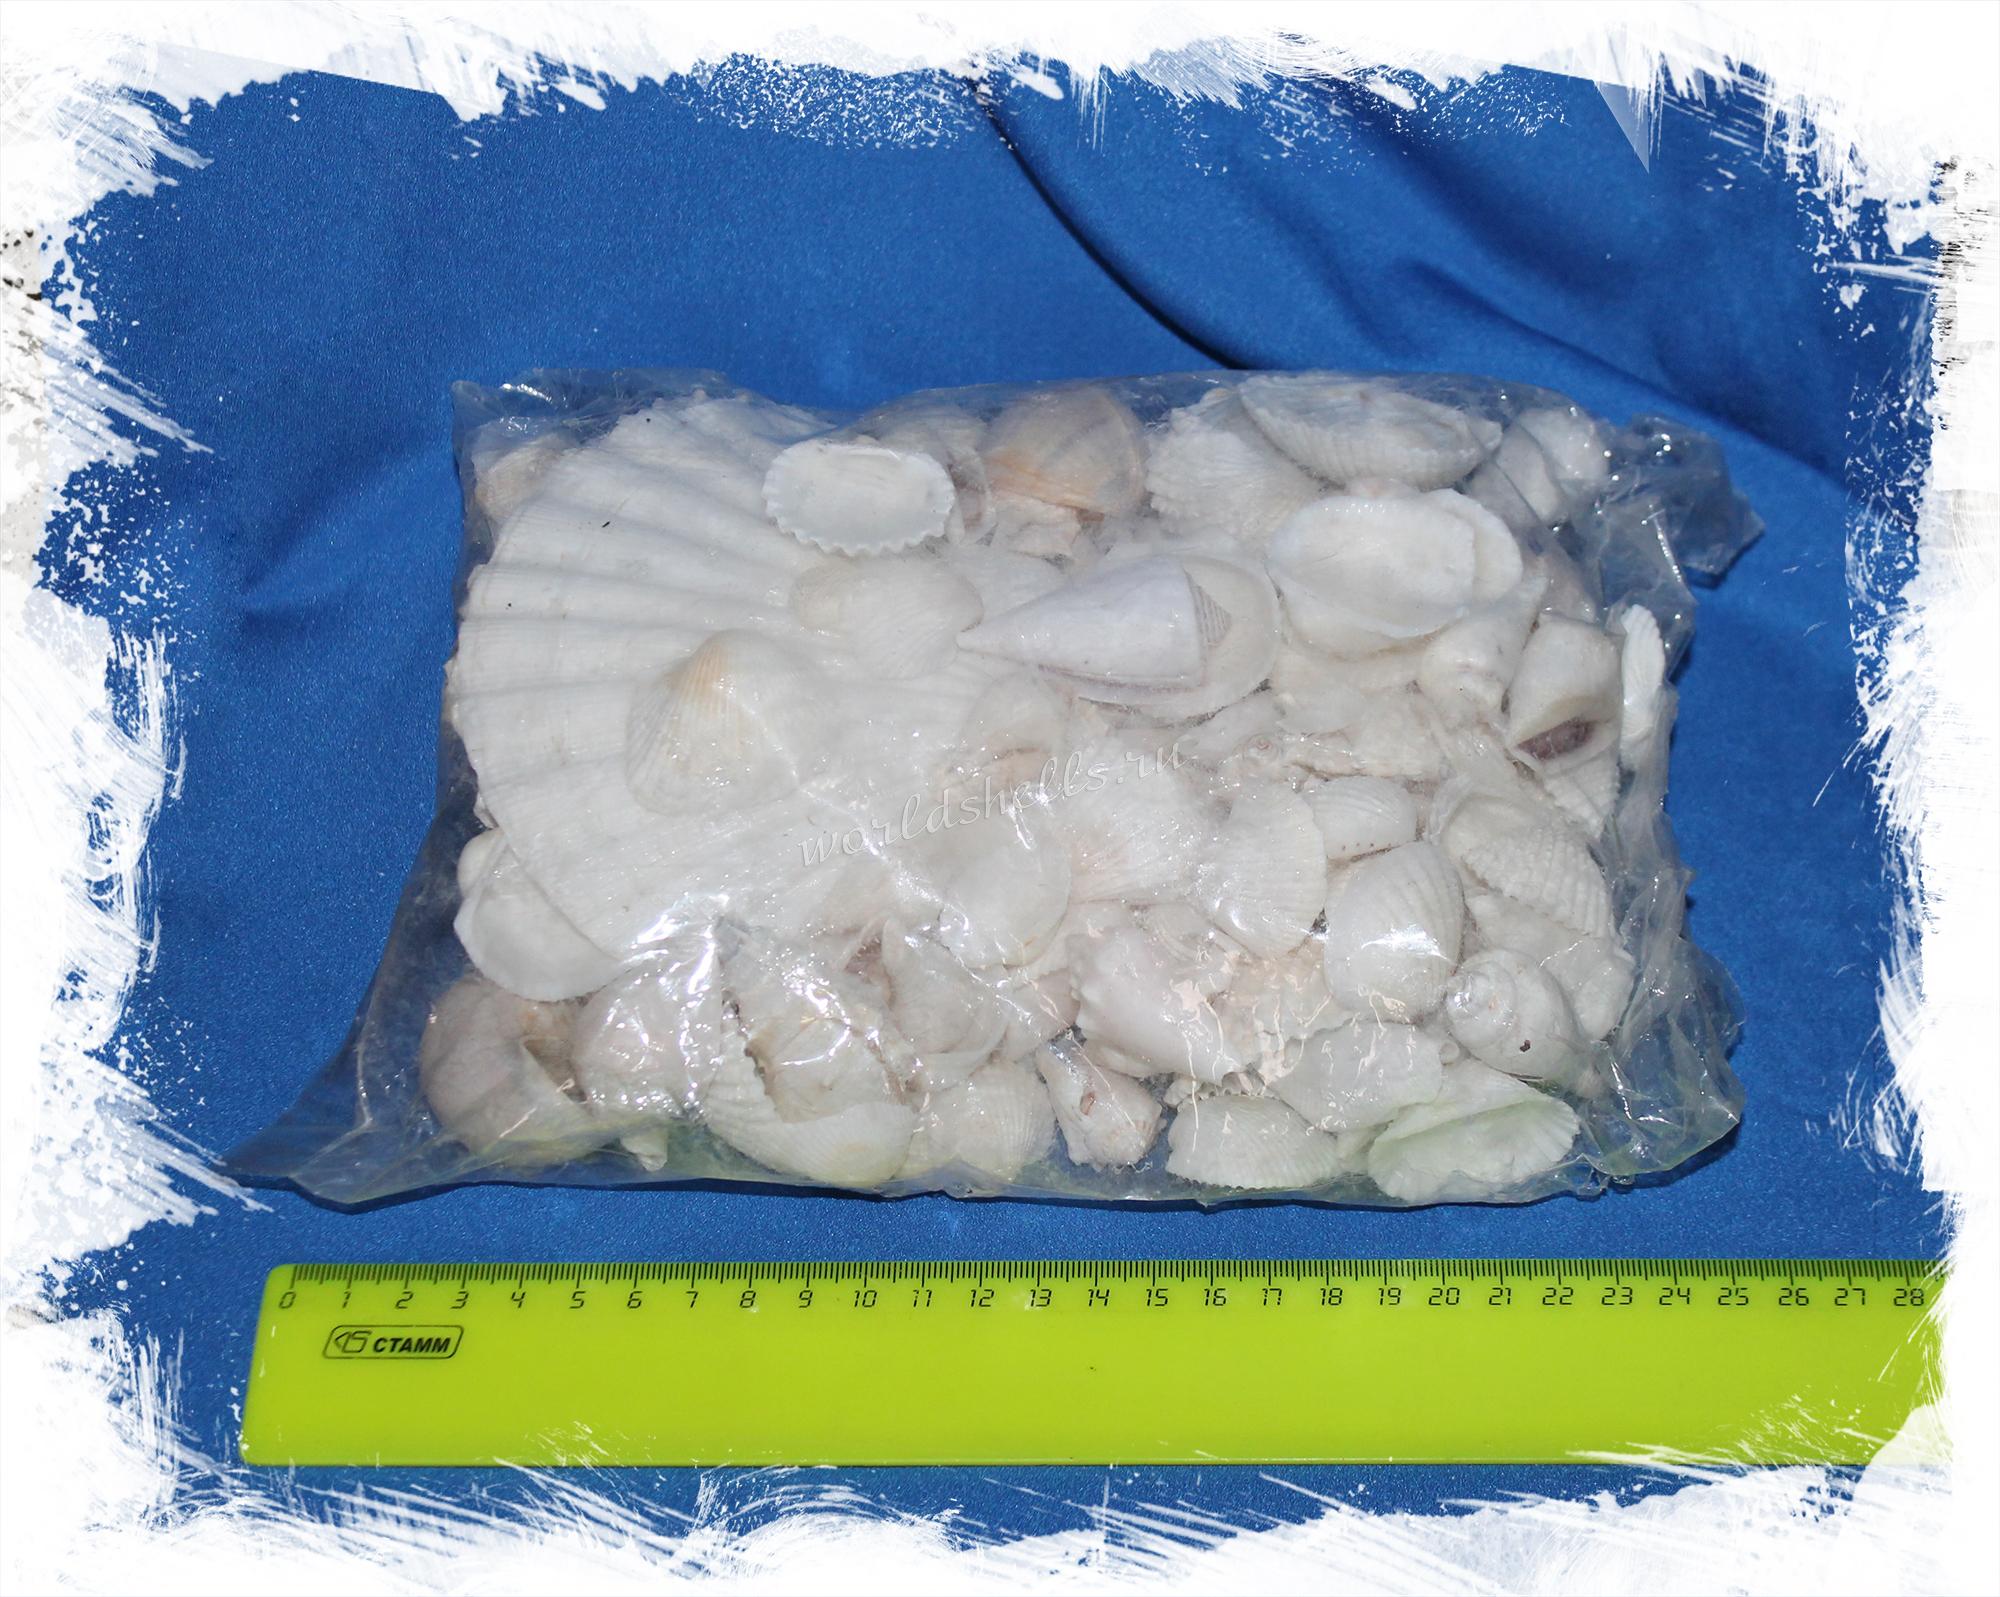 Купить морские ракушки для декора в морском стиле